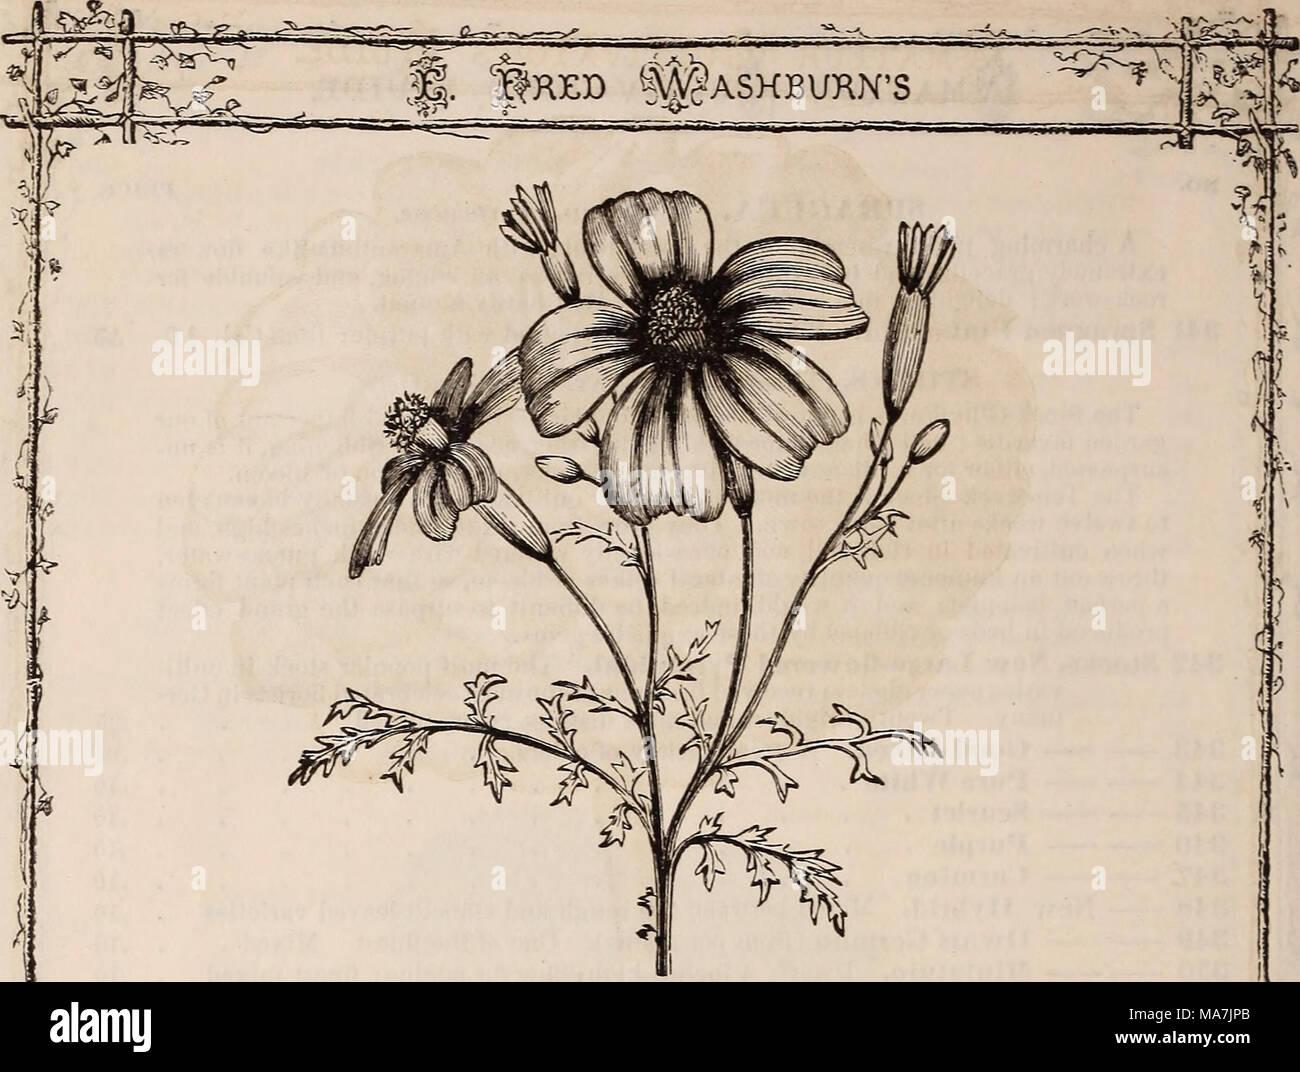 E. Fred Washburn del coltivatore amatoriale guida il fiore & cucina ...